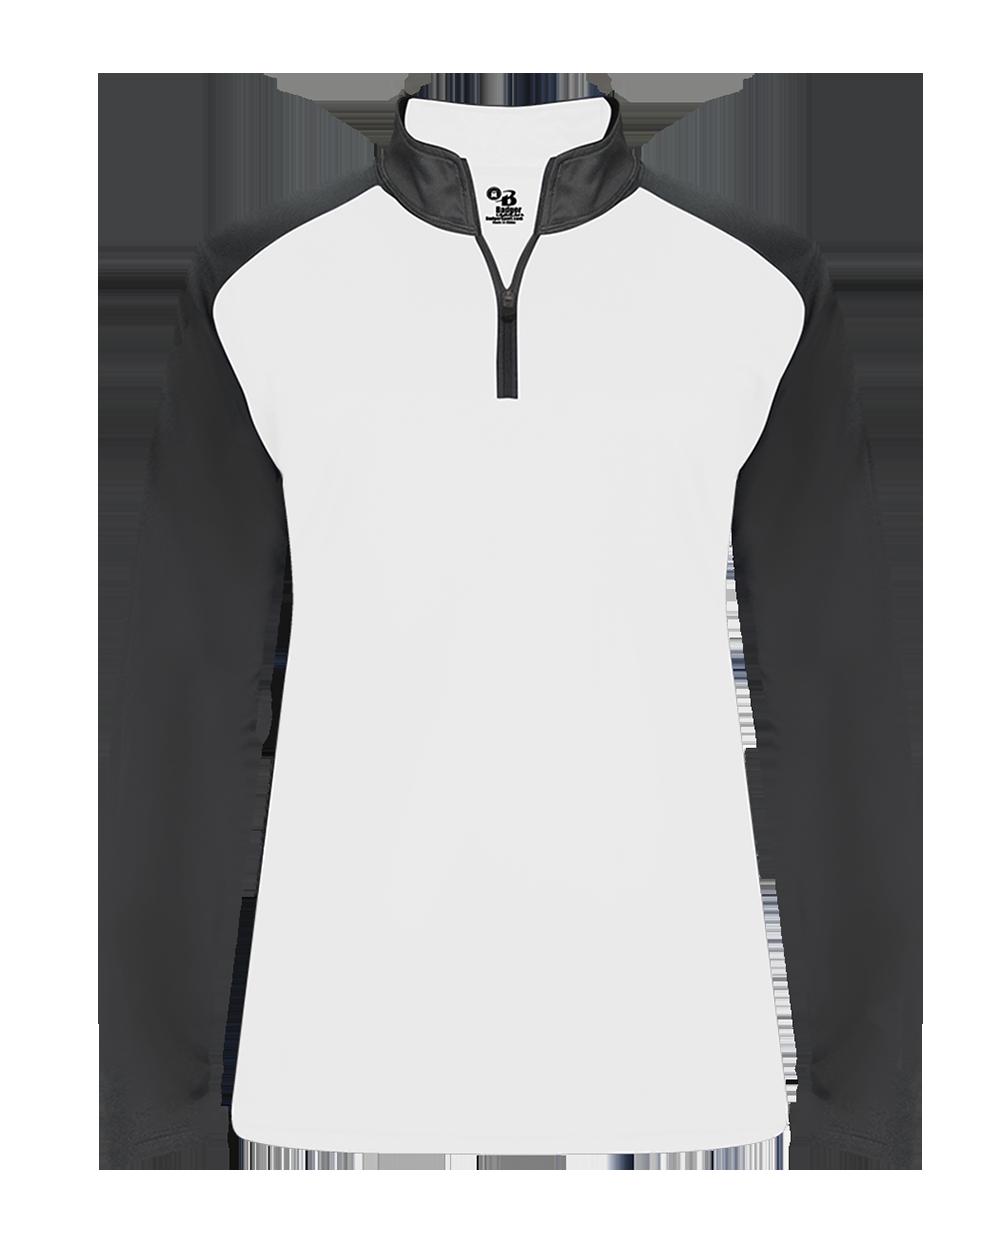 Ultimate Softlock Women's 1/4 Zip - White/Graphite